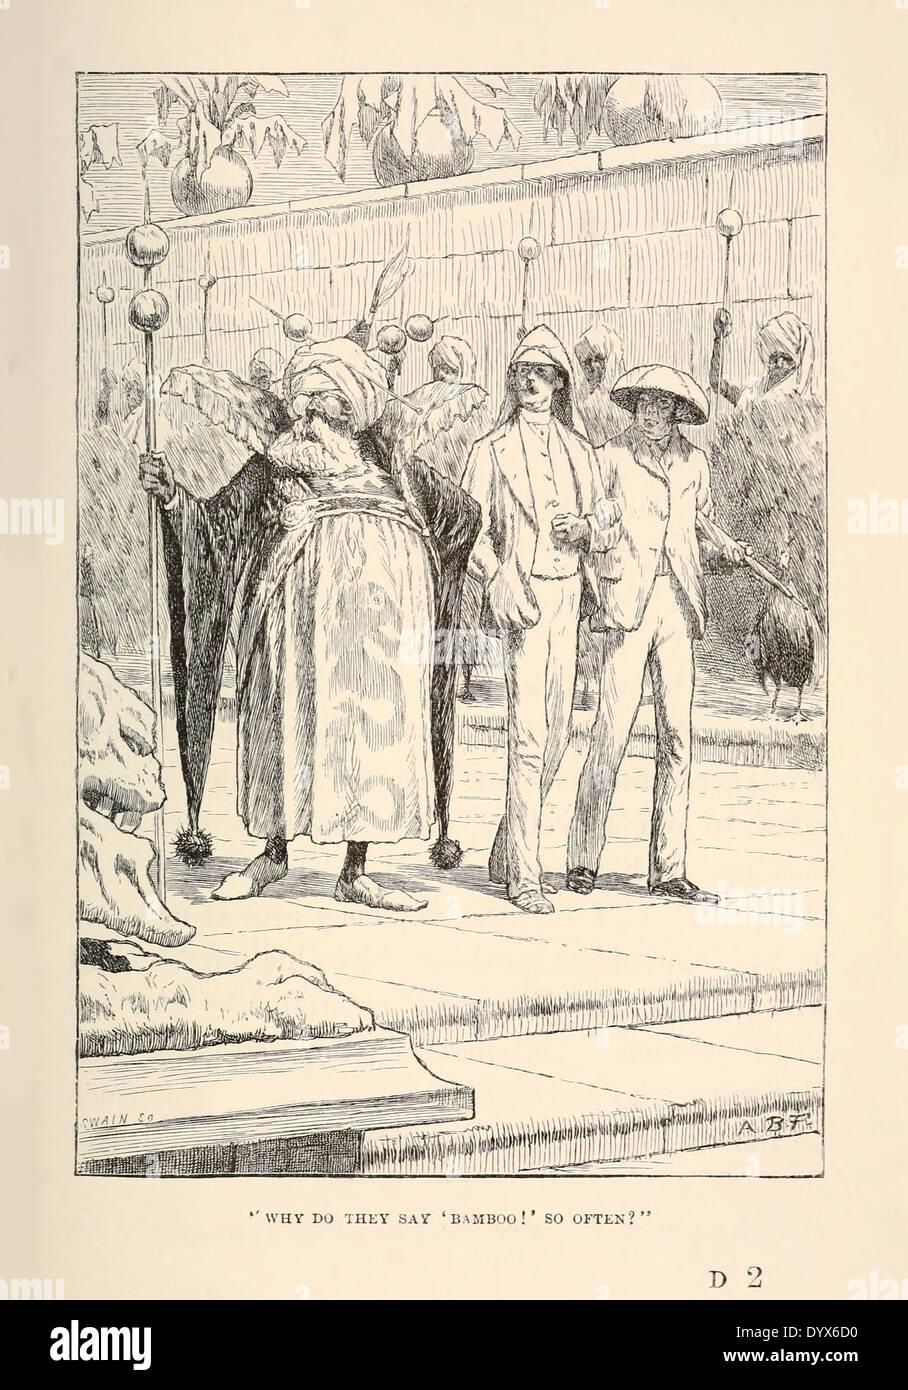 Arthur Burdett Frost (1851-1928) illustrazione da 'un intricato favola' da Lewis Carroll pubblicato 1885. Nodo 6 'il suo irraggiamento' Immagini Stock